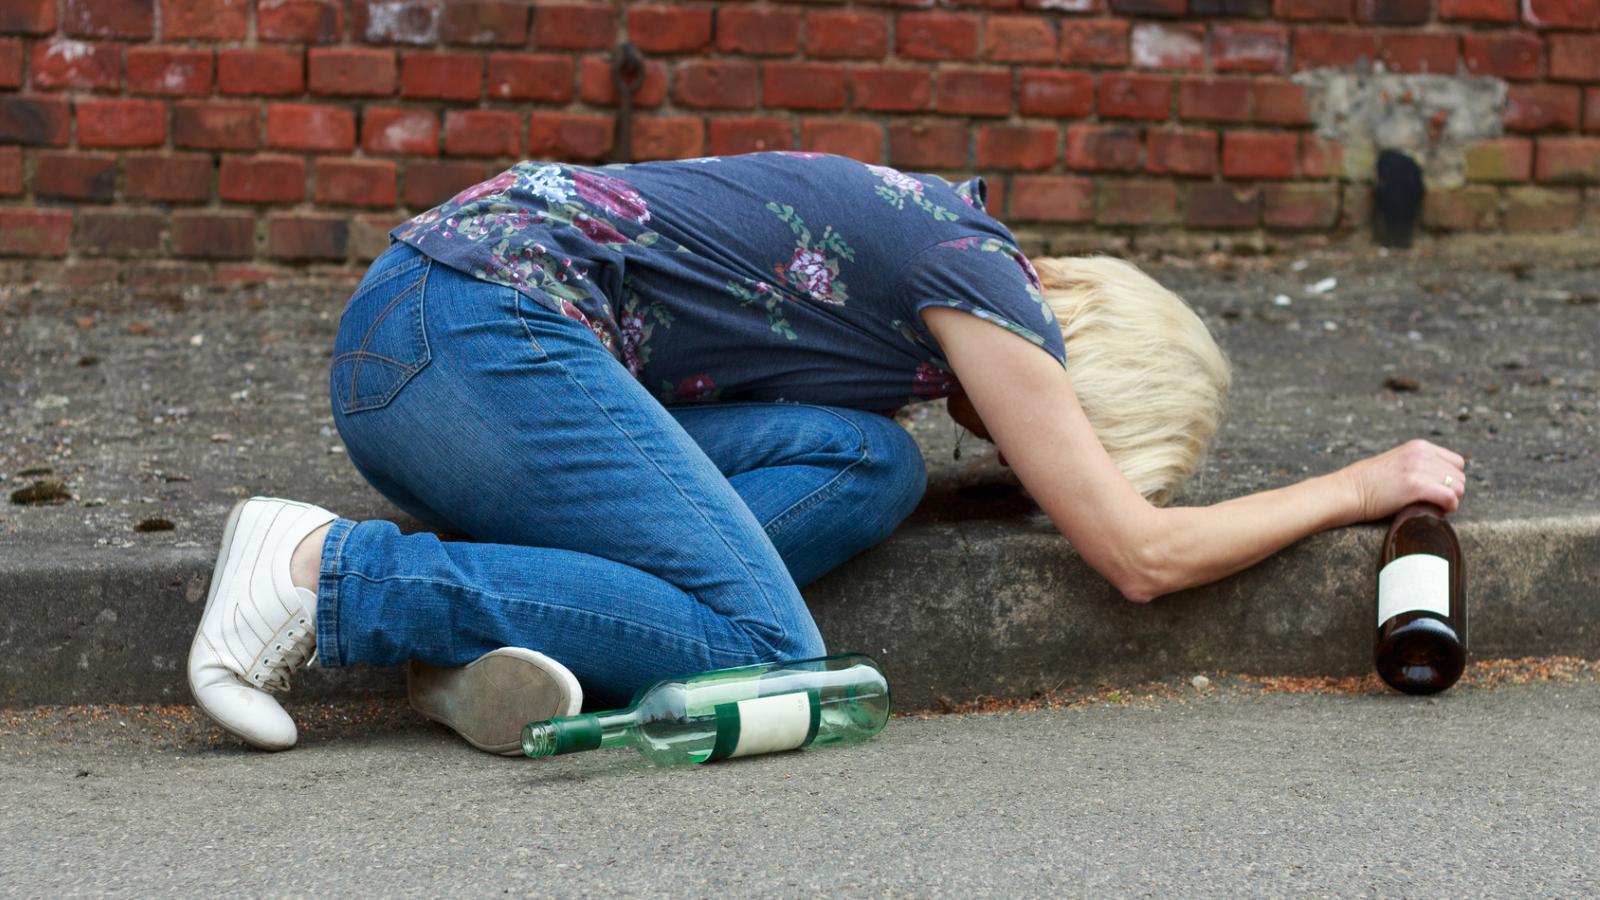 Бытовой алкоголизм: как выжить в мире, где все пьют